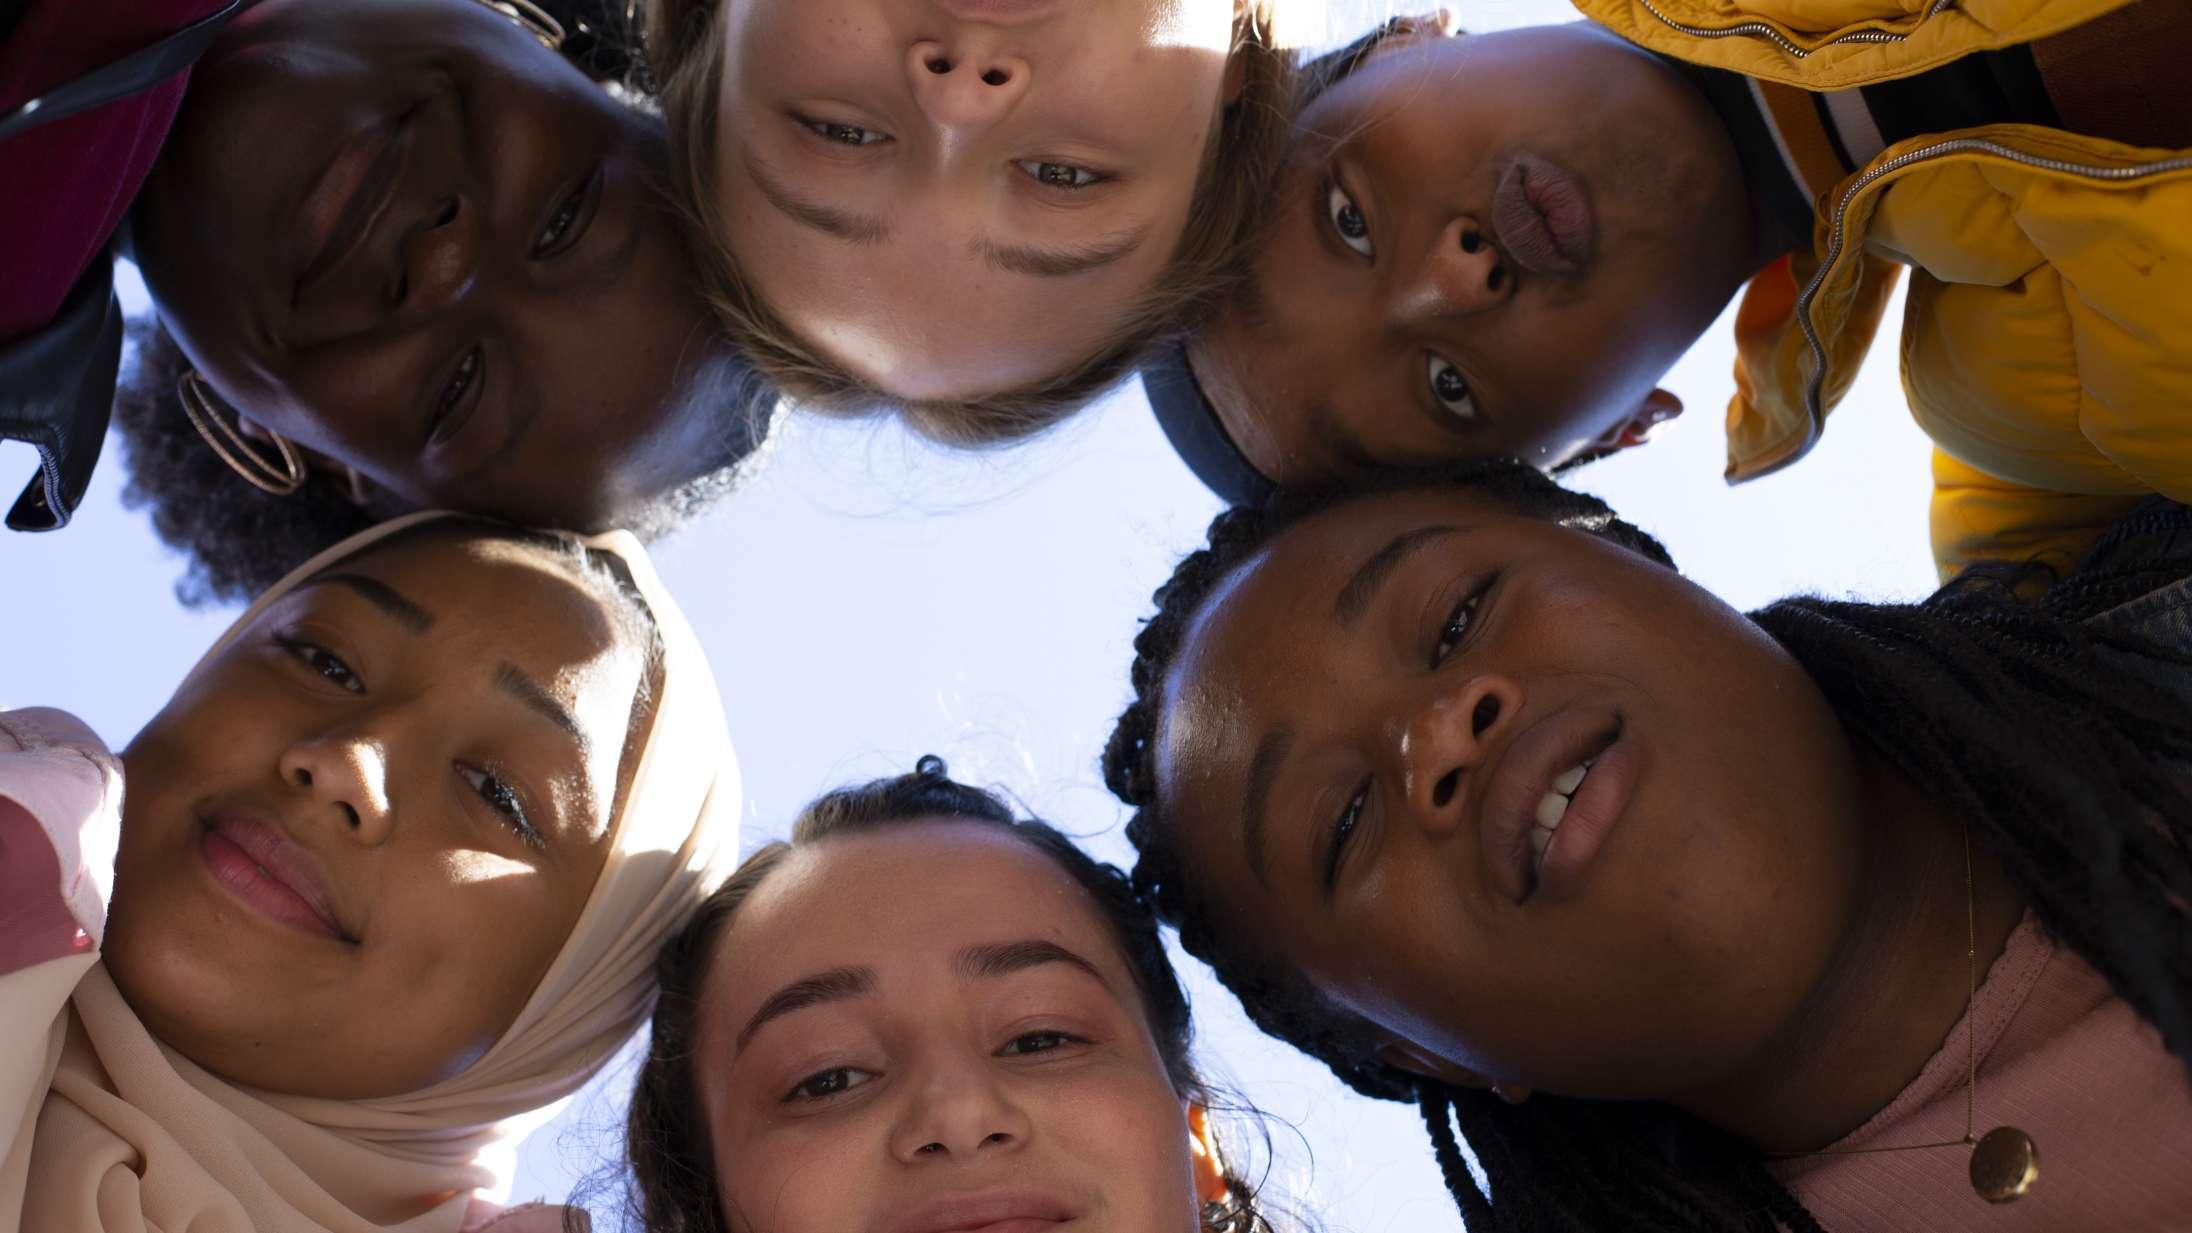 'Rocks': Sjældent er ungdomsvenskab skildret så godt som i biografaktuel britisk film